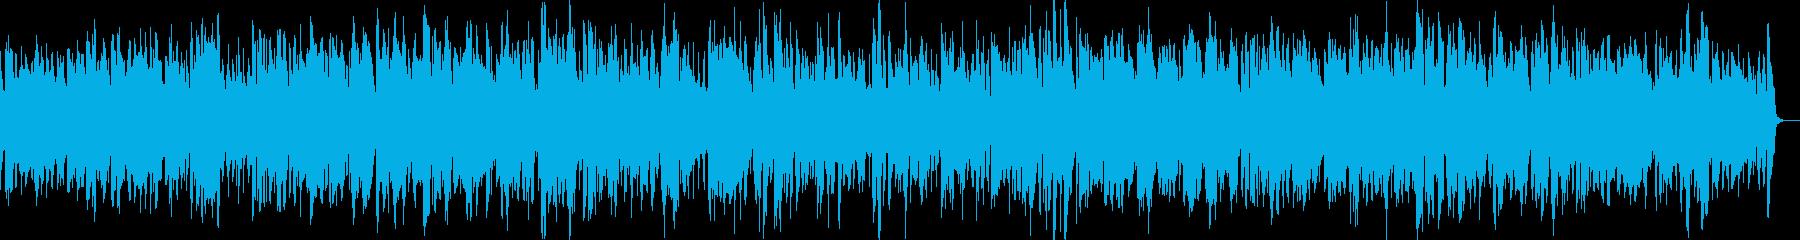 アルトサックスのやさしいバラードの再生済みの波形